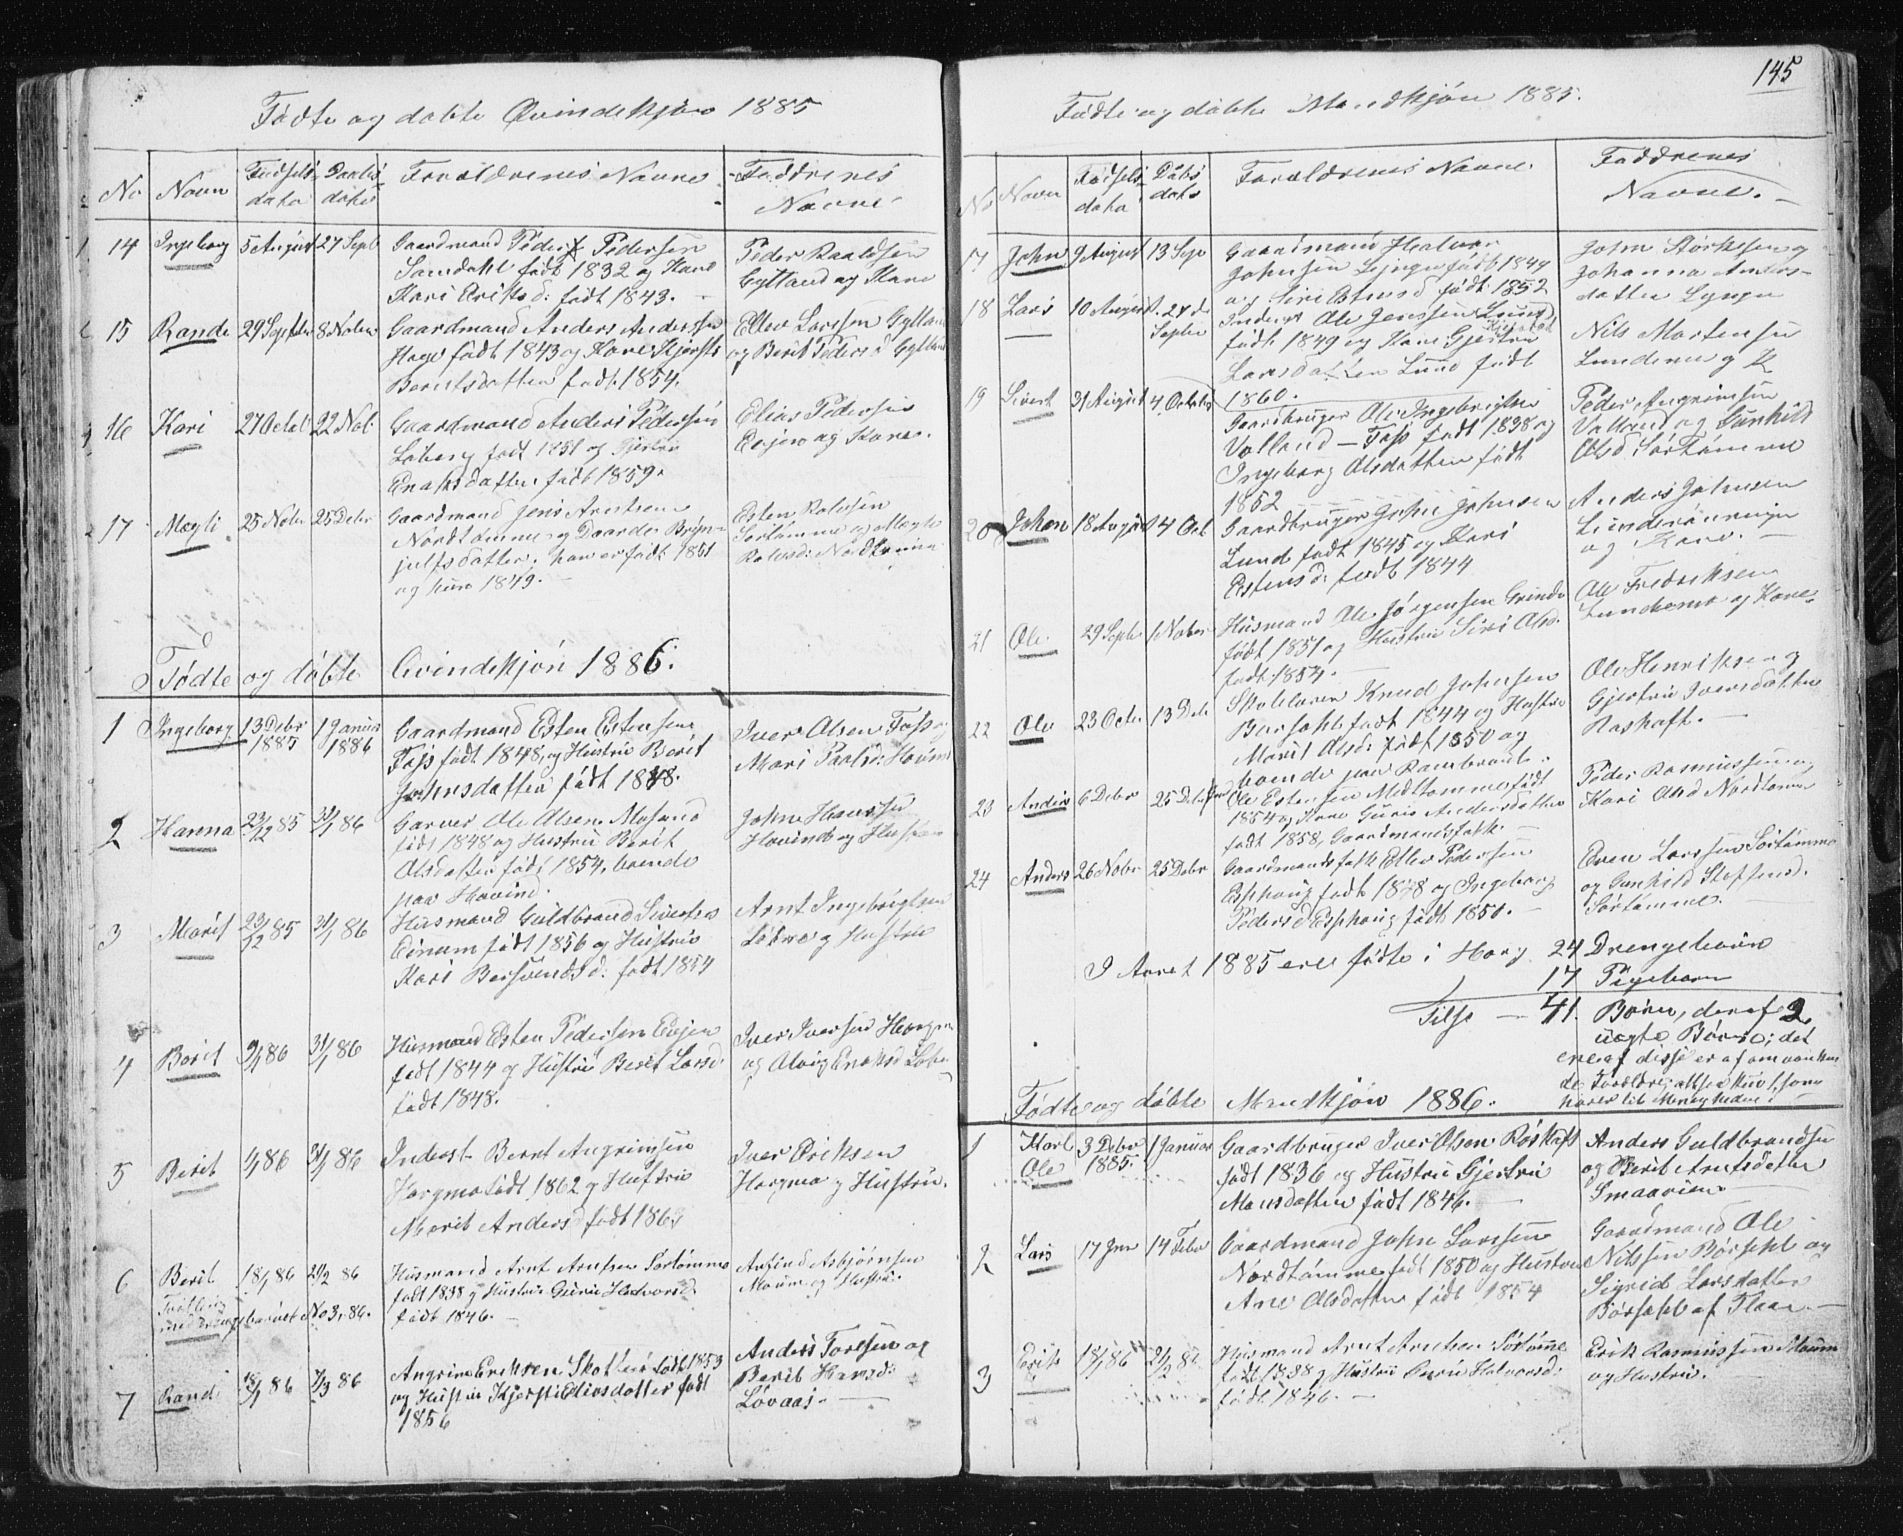 SAT, Ministerialprotokoller, klokkerbøker og fødselsregistre - Sør-Trøndelag, 692/L1110: Klokkerbok nr. 692C05, 1849-1889, s. 145